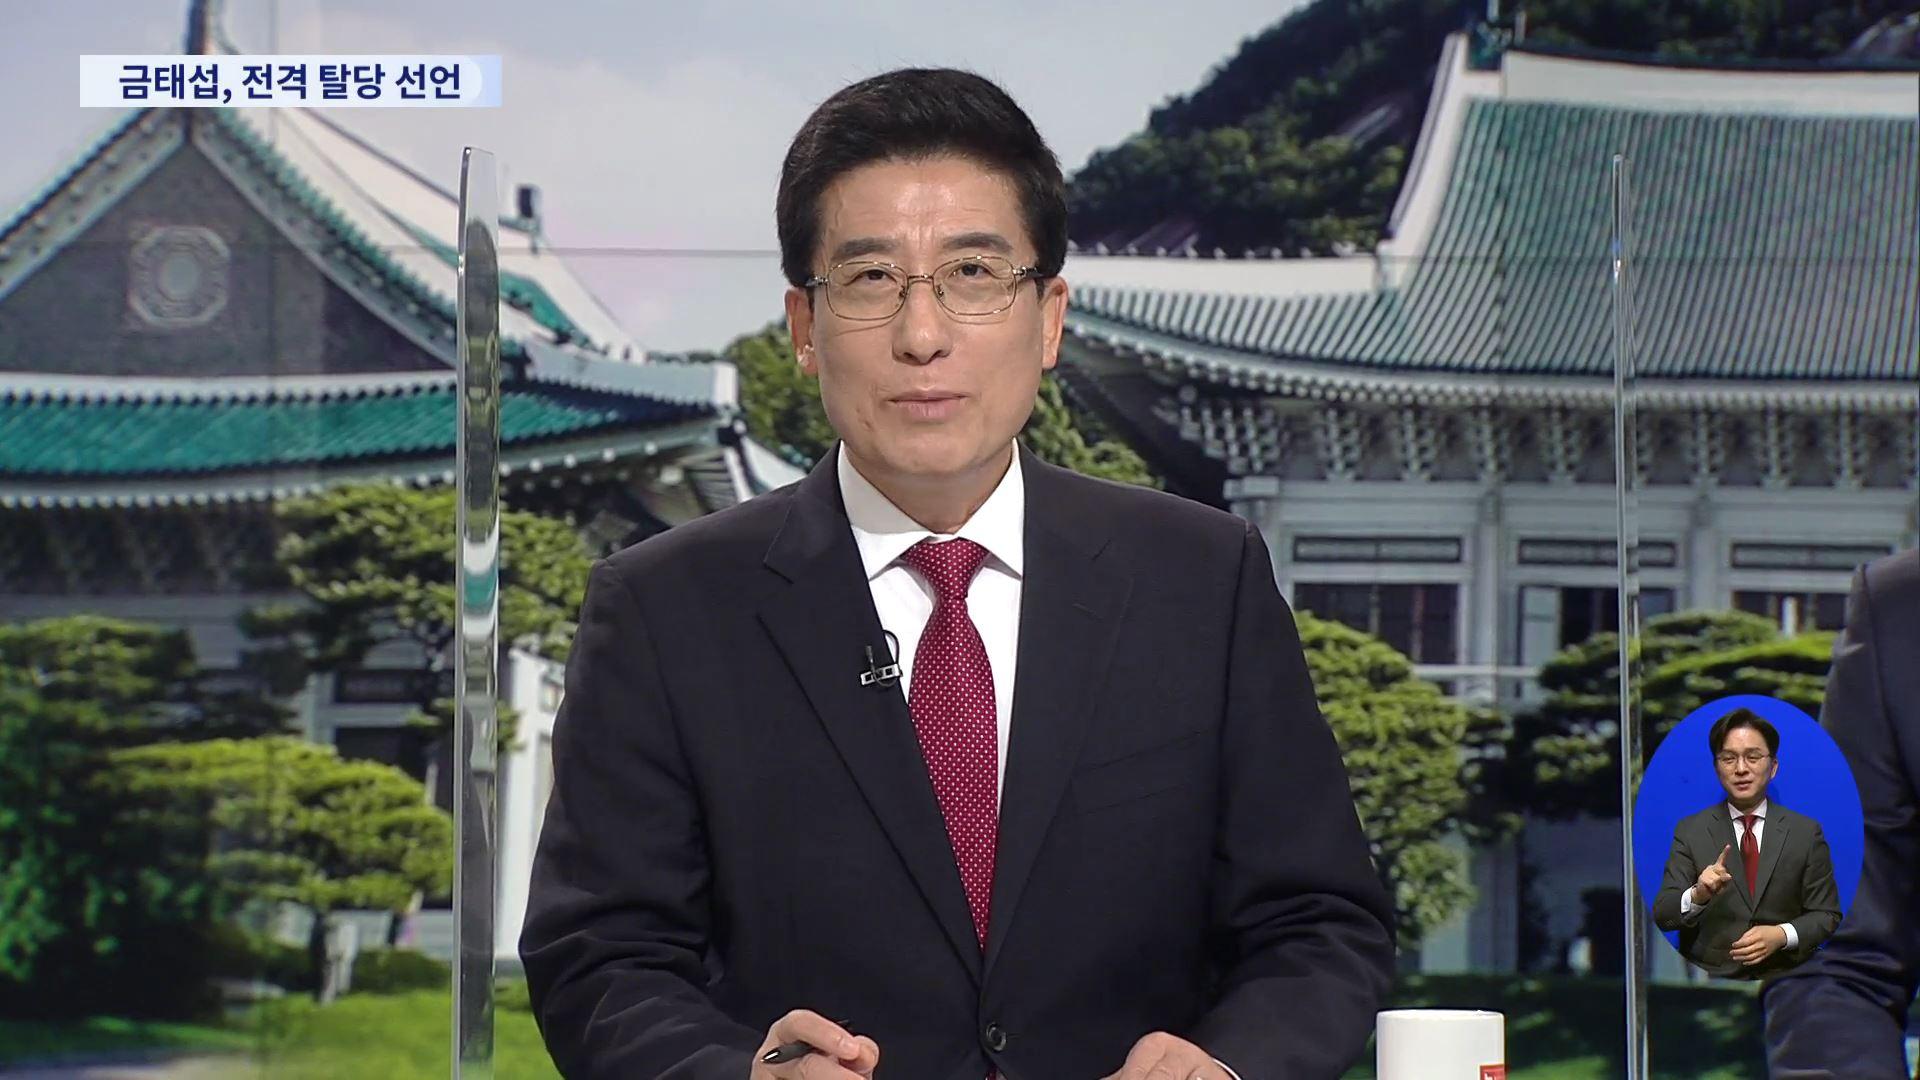 [이슈분석] 윤석열, 오늘 국감서  '작심 발언' 반격 나서나